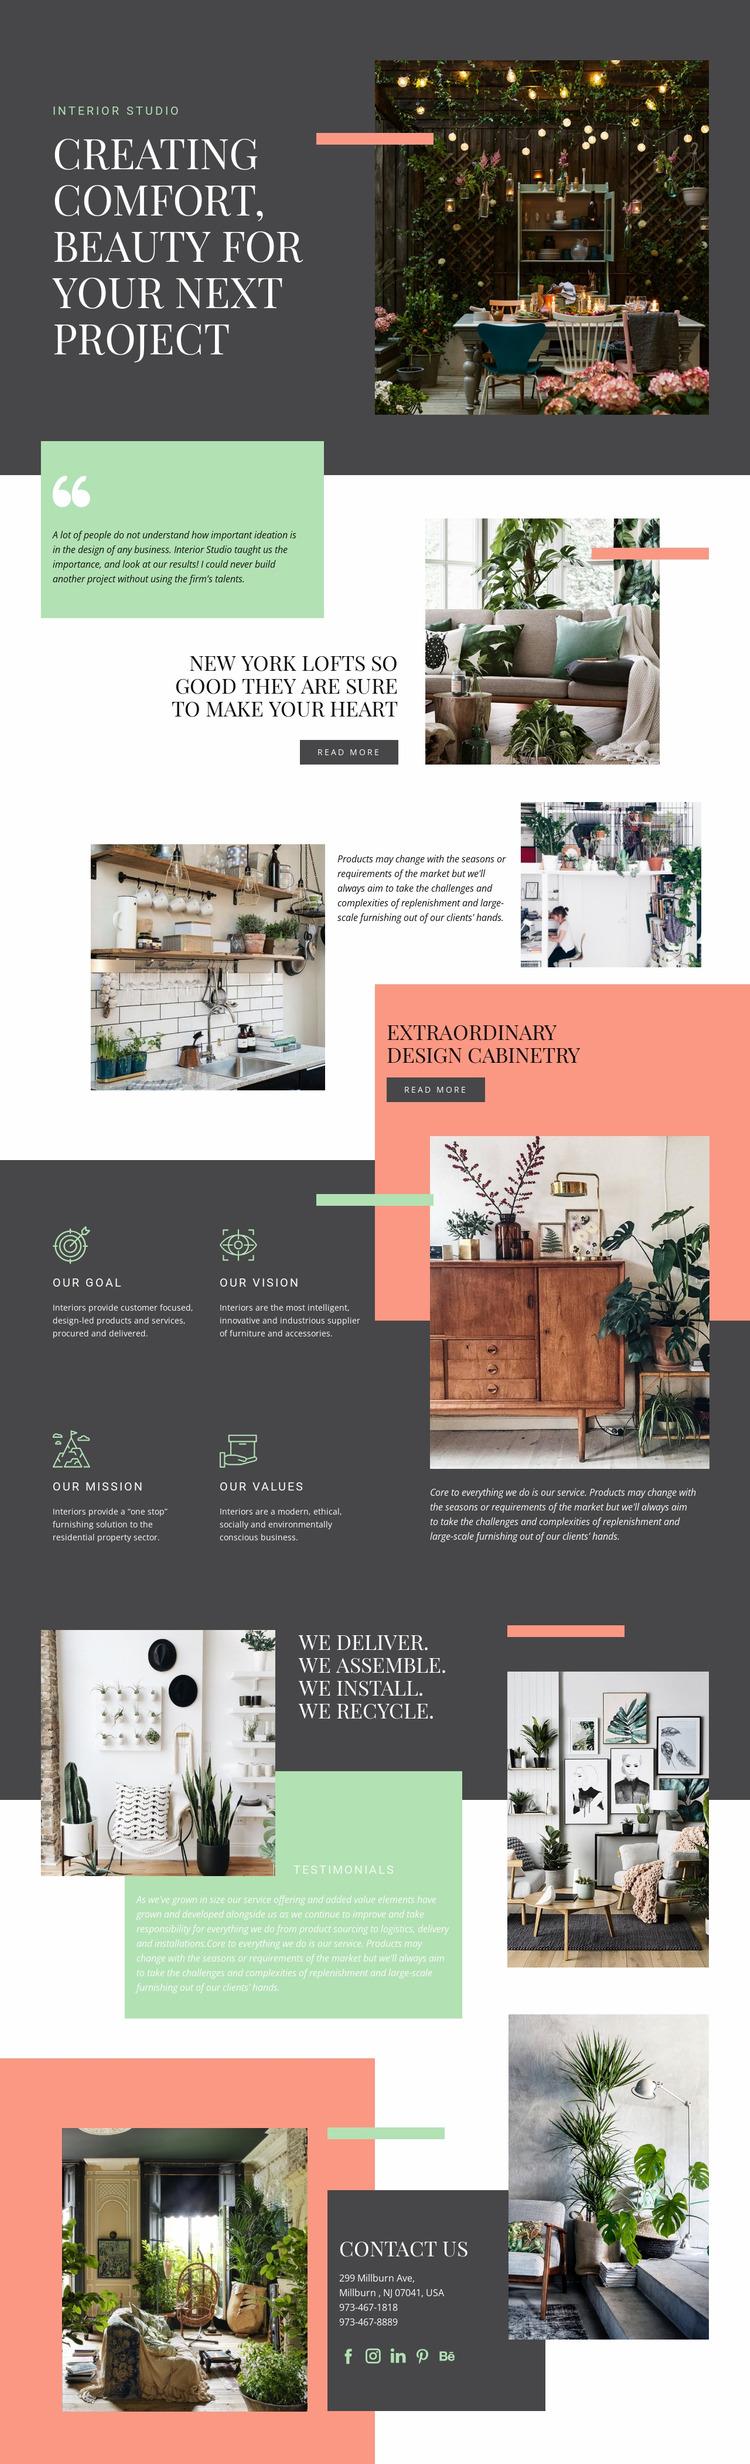 Comfort in your home Html Website Builder